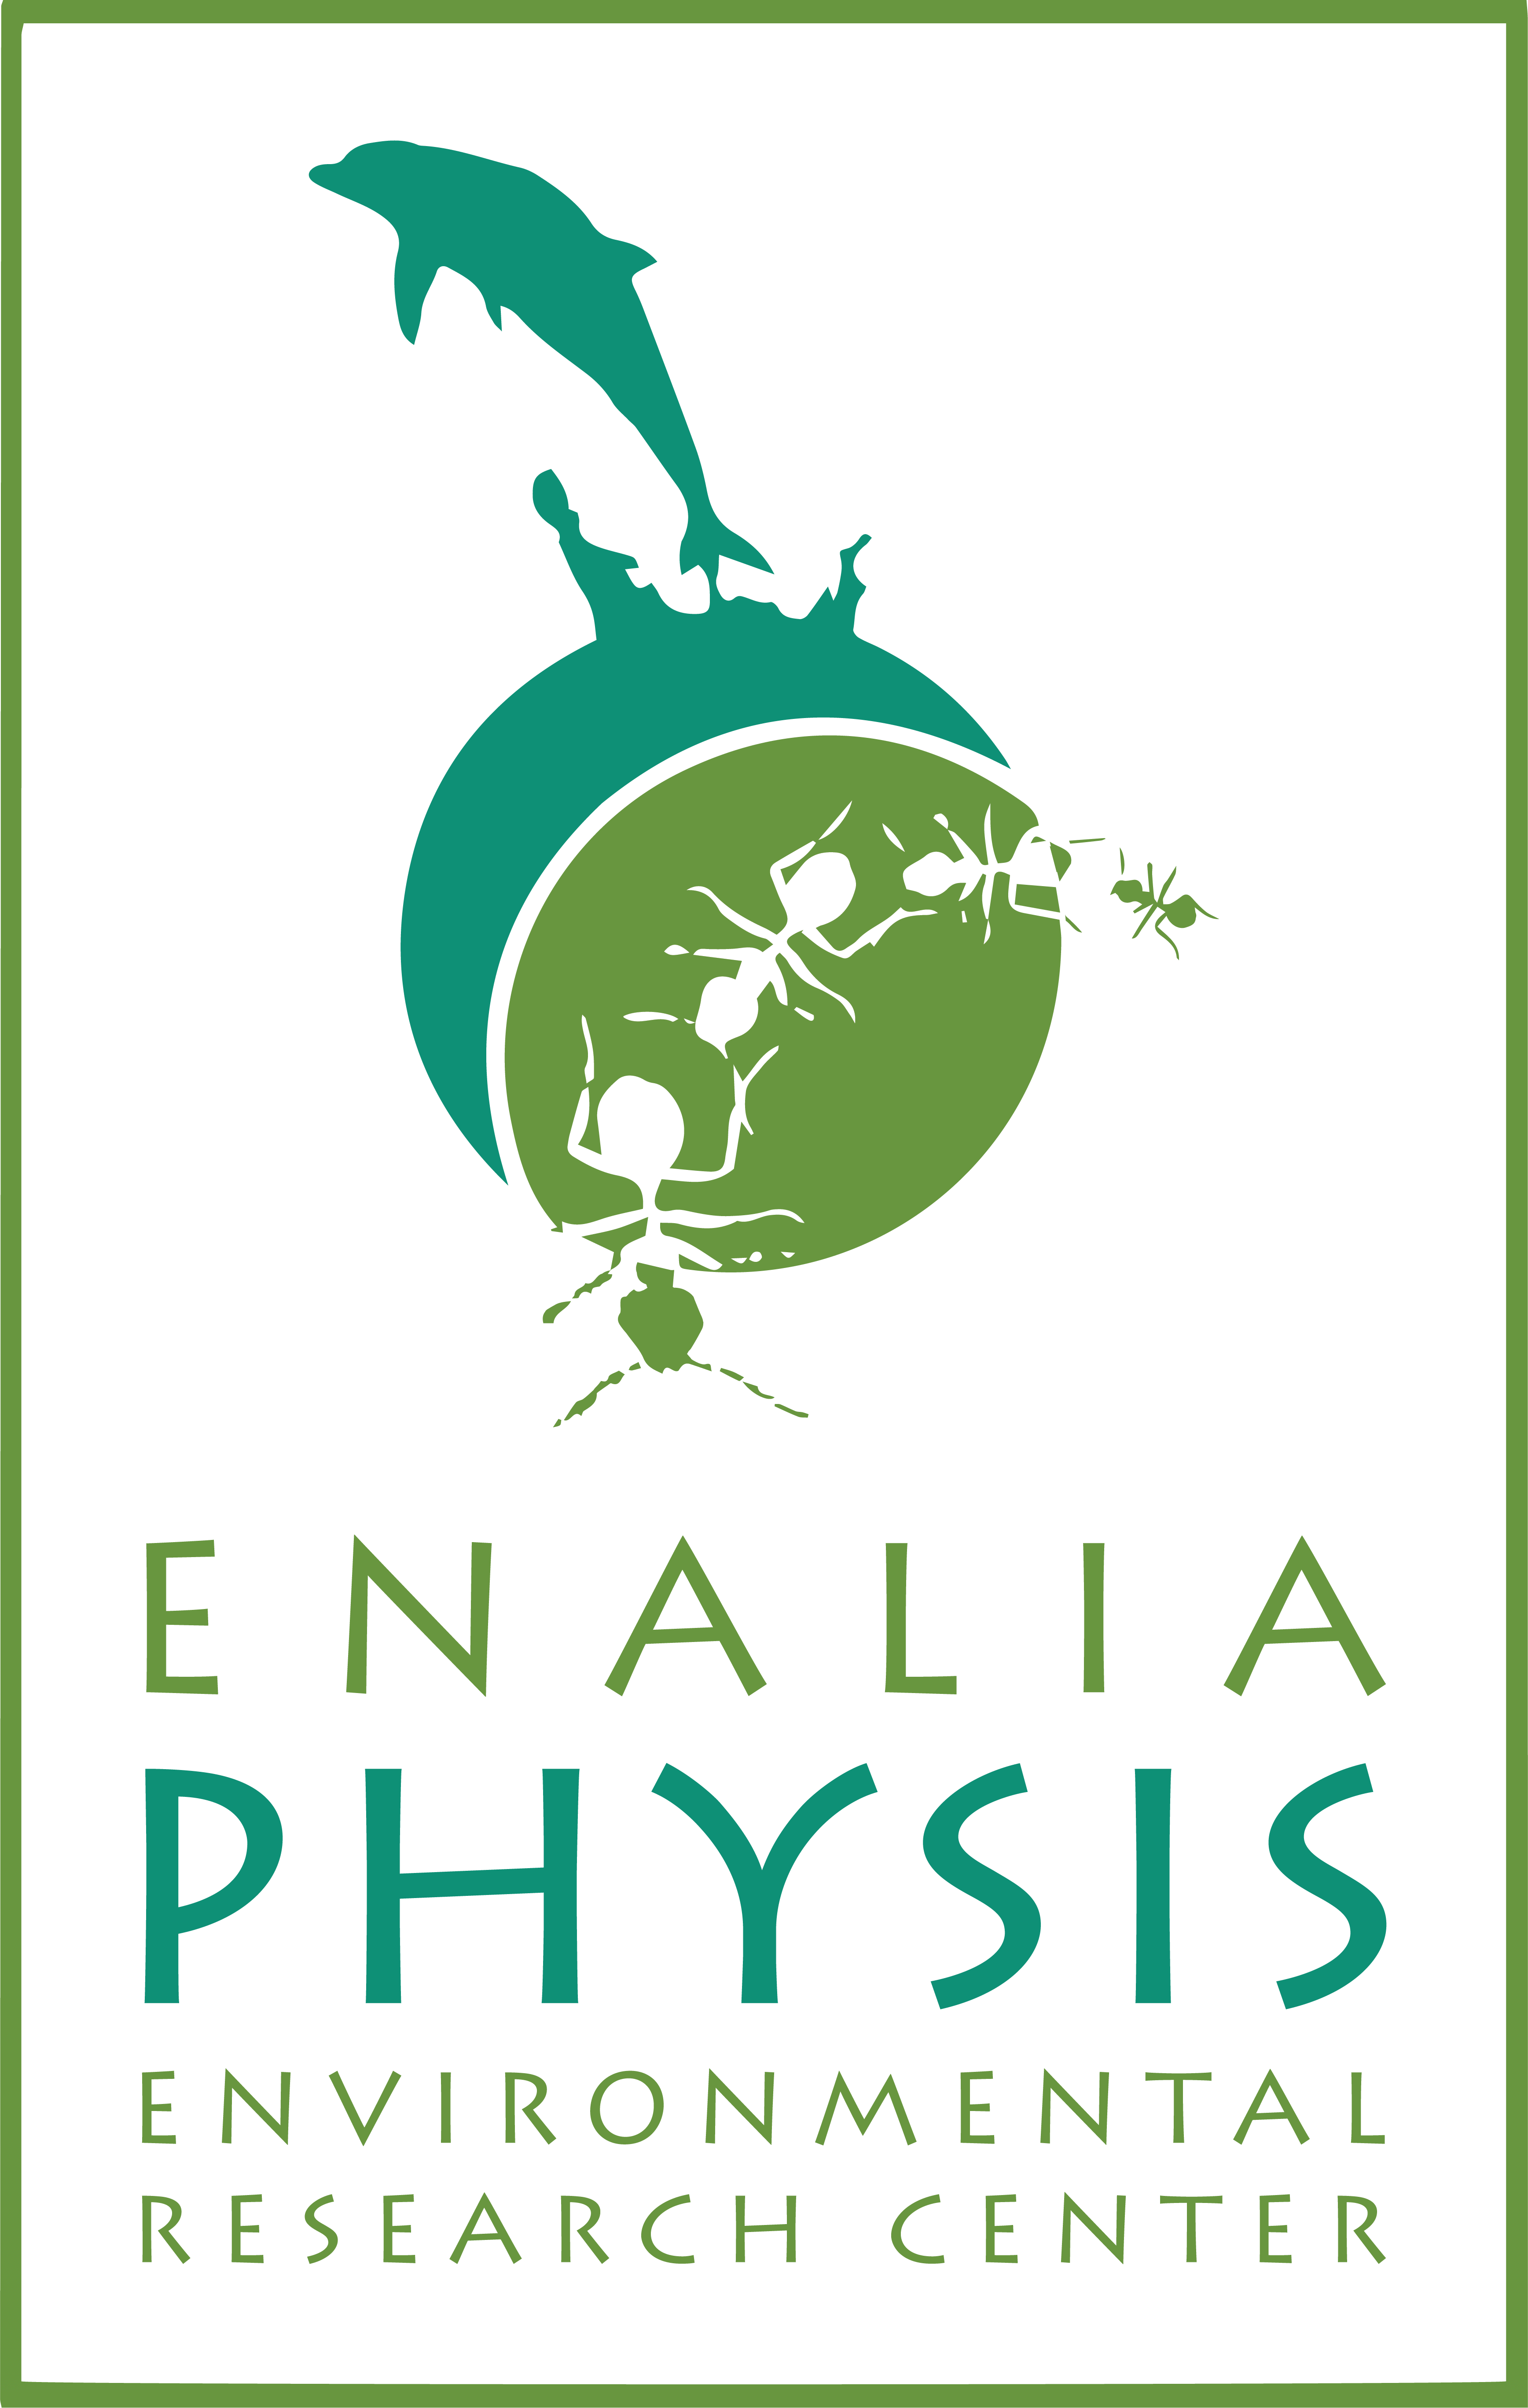 EnaliaPhysis